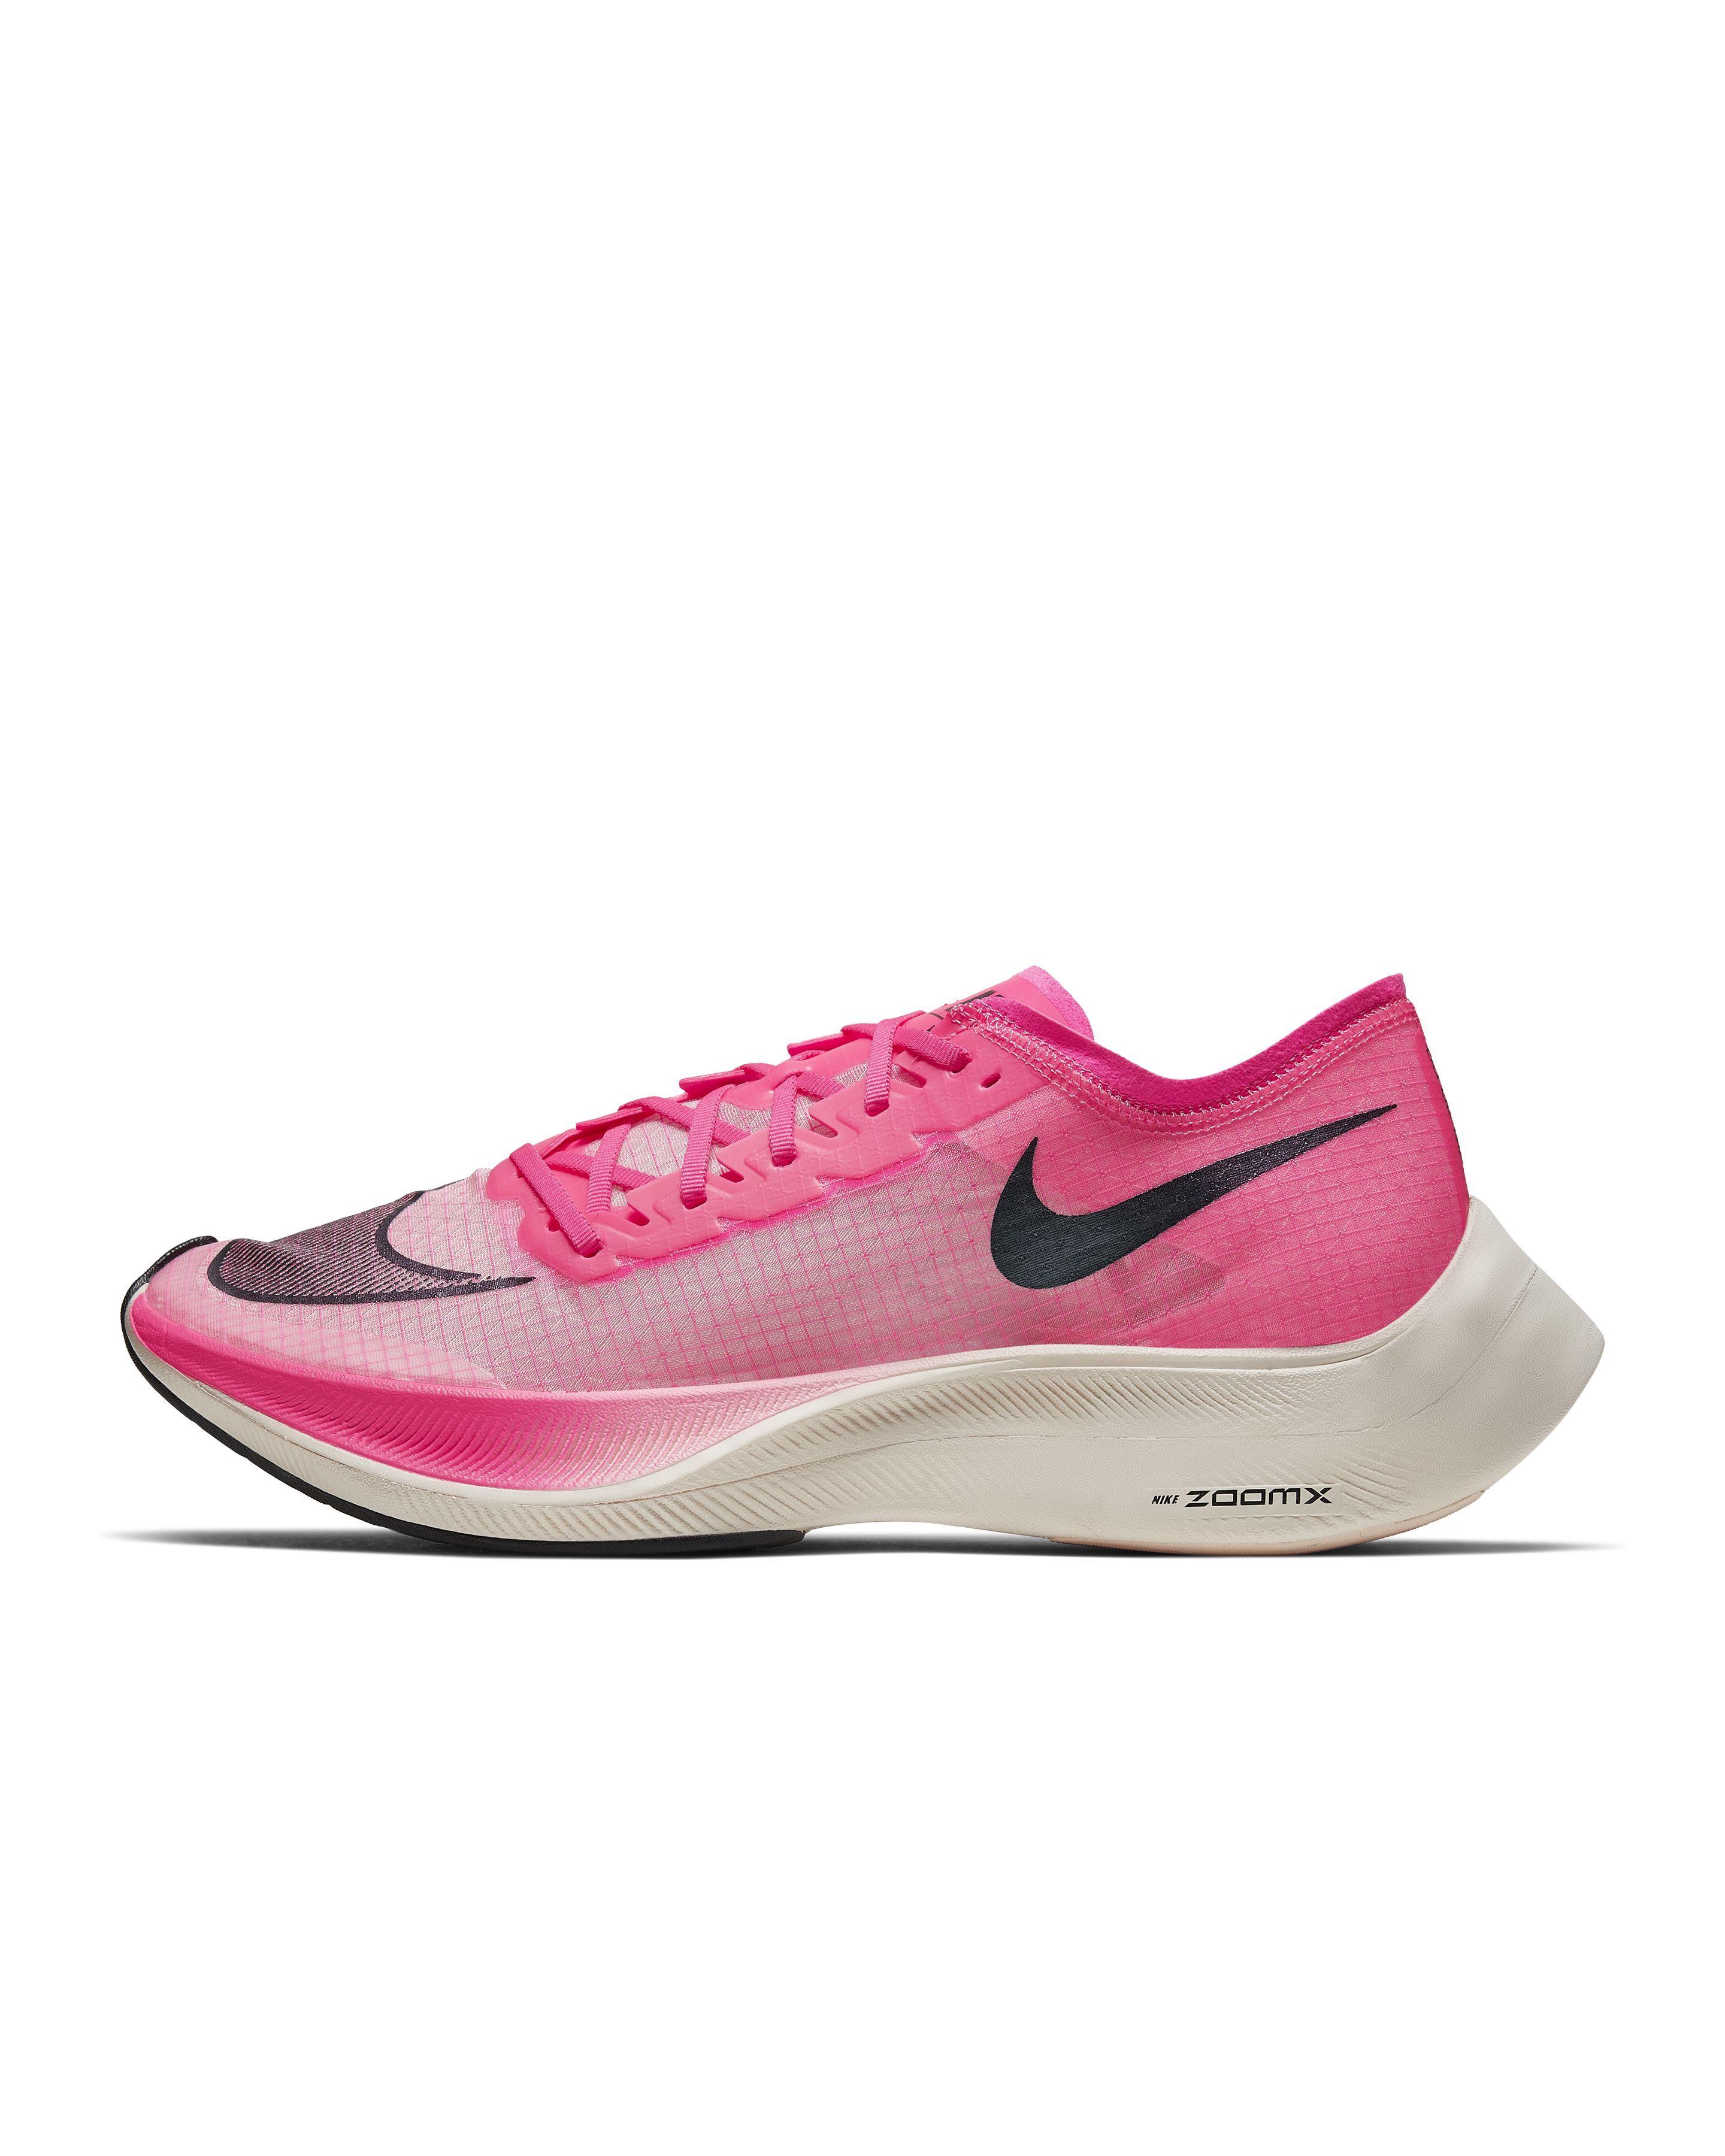 Eliud Kipchoge Two,Hour Nike Shoes , Inside Look